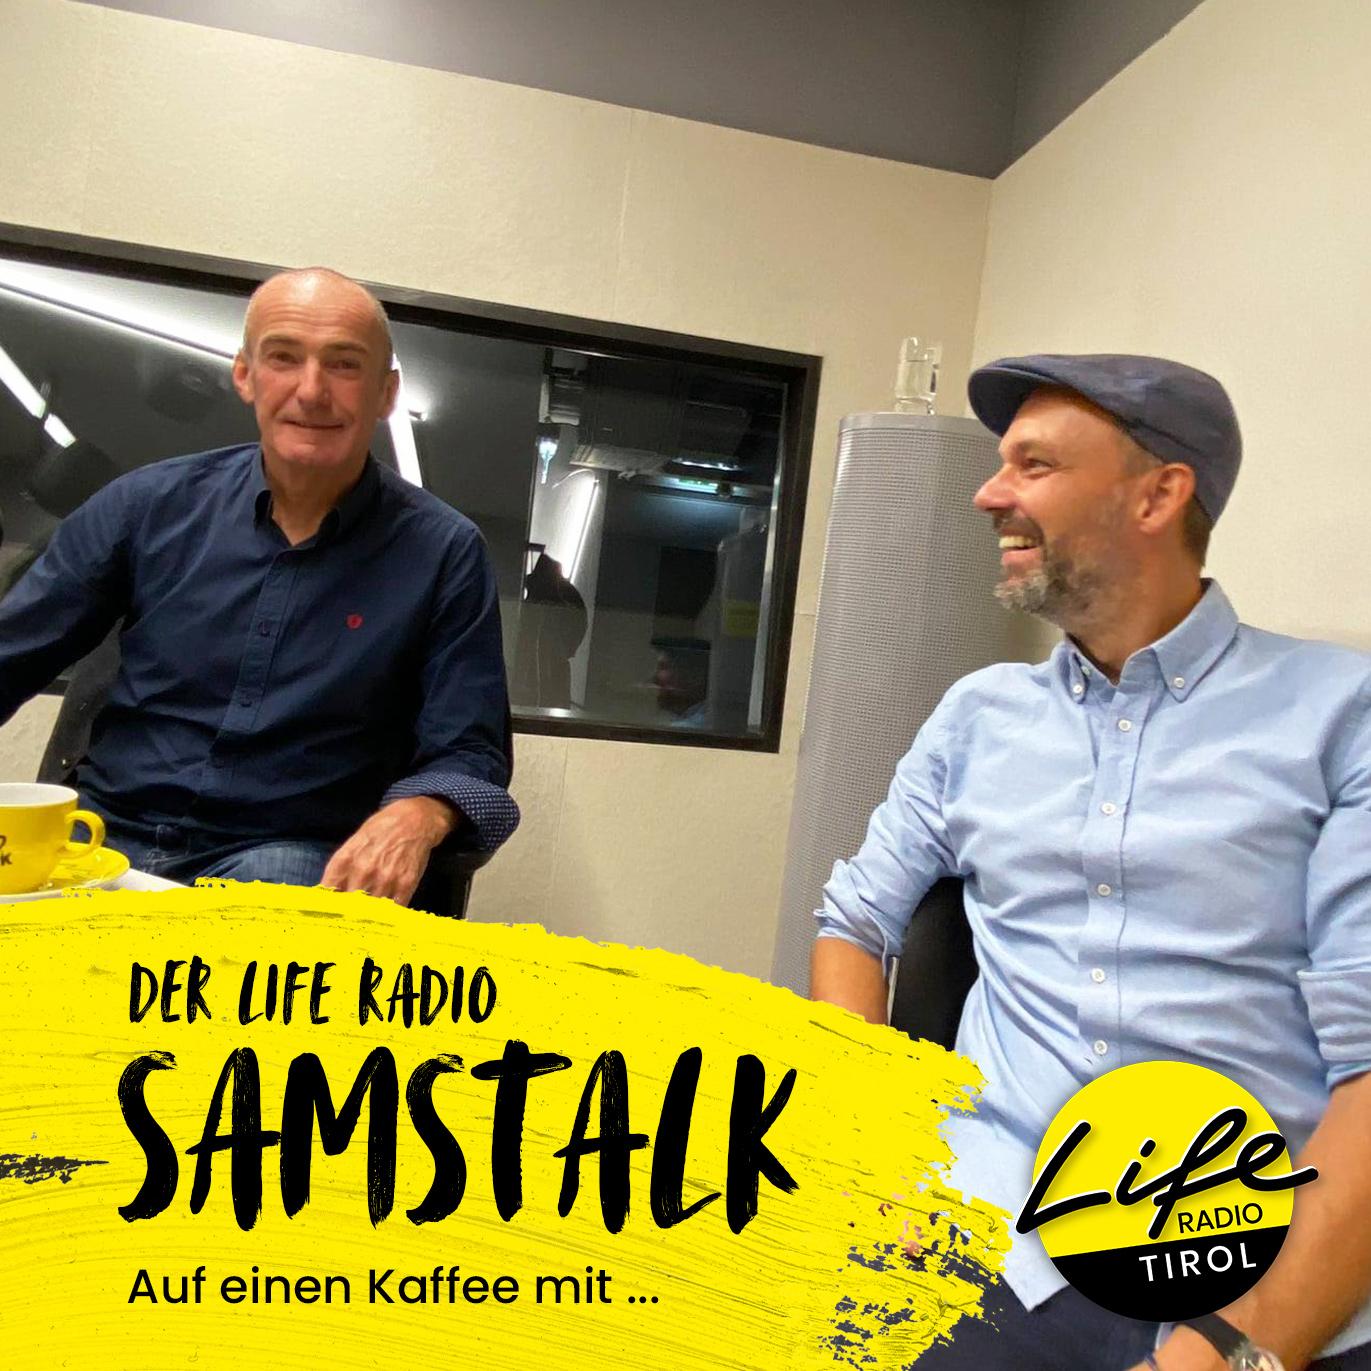 Auf einen Kaffee mit ÖSV Herren Cheftrainer Andreas Puelacher